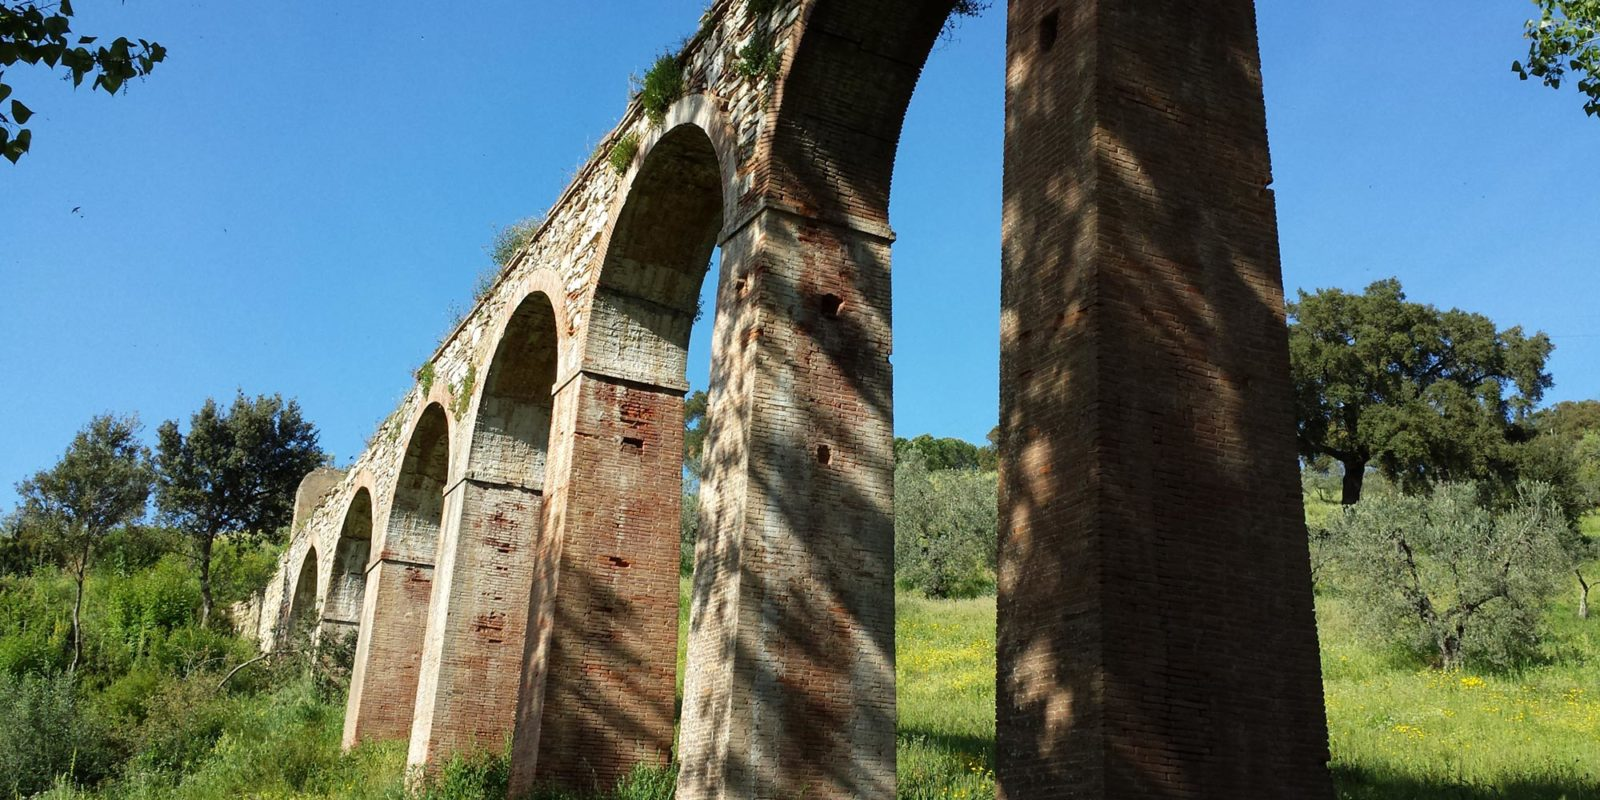 Abandoned acquaduct